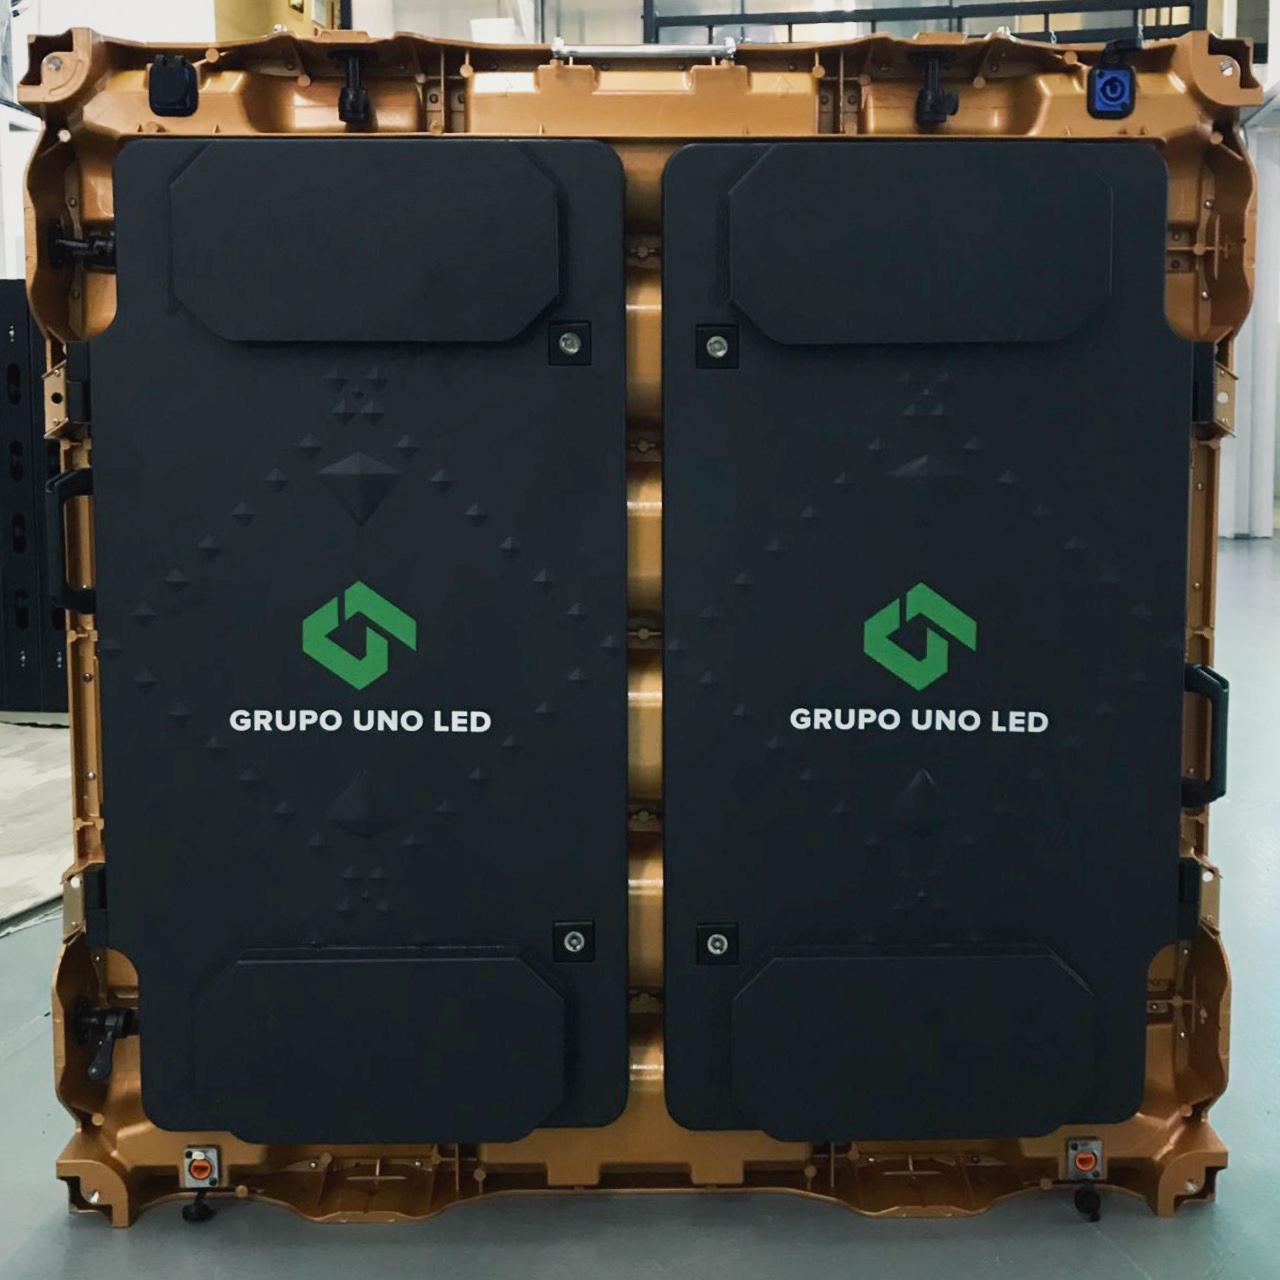 El logo de Grupo Uno LED ahora estampado en los nuevos gabinetes